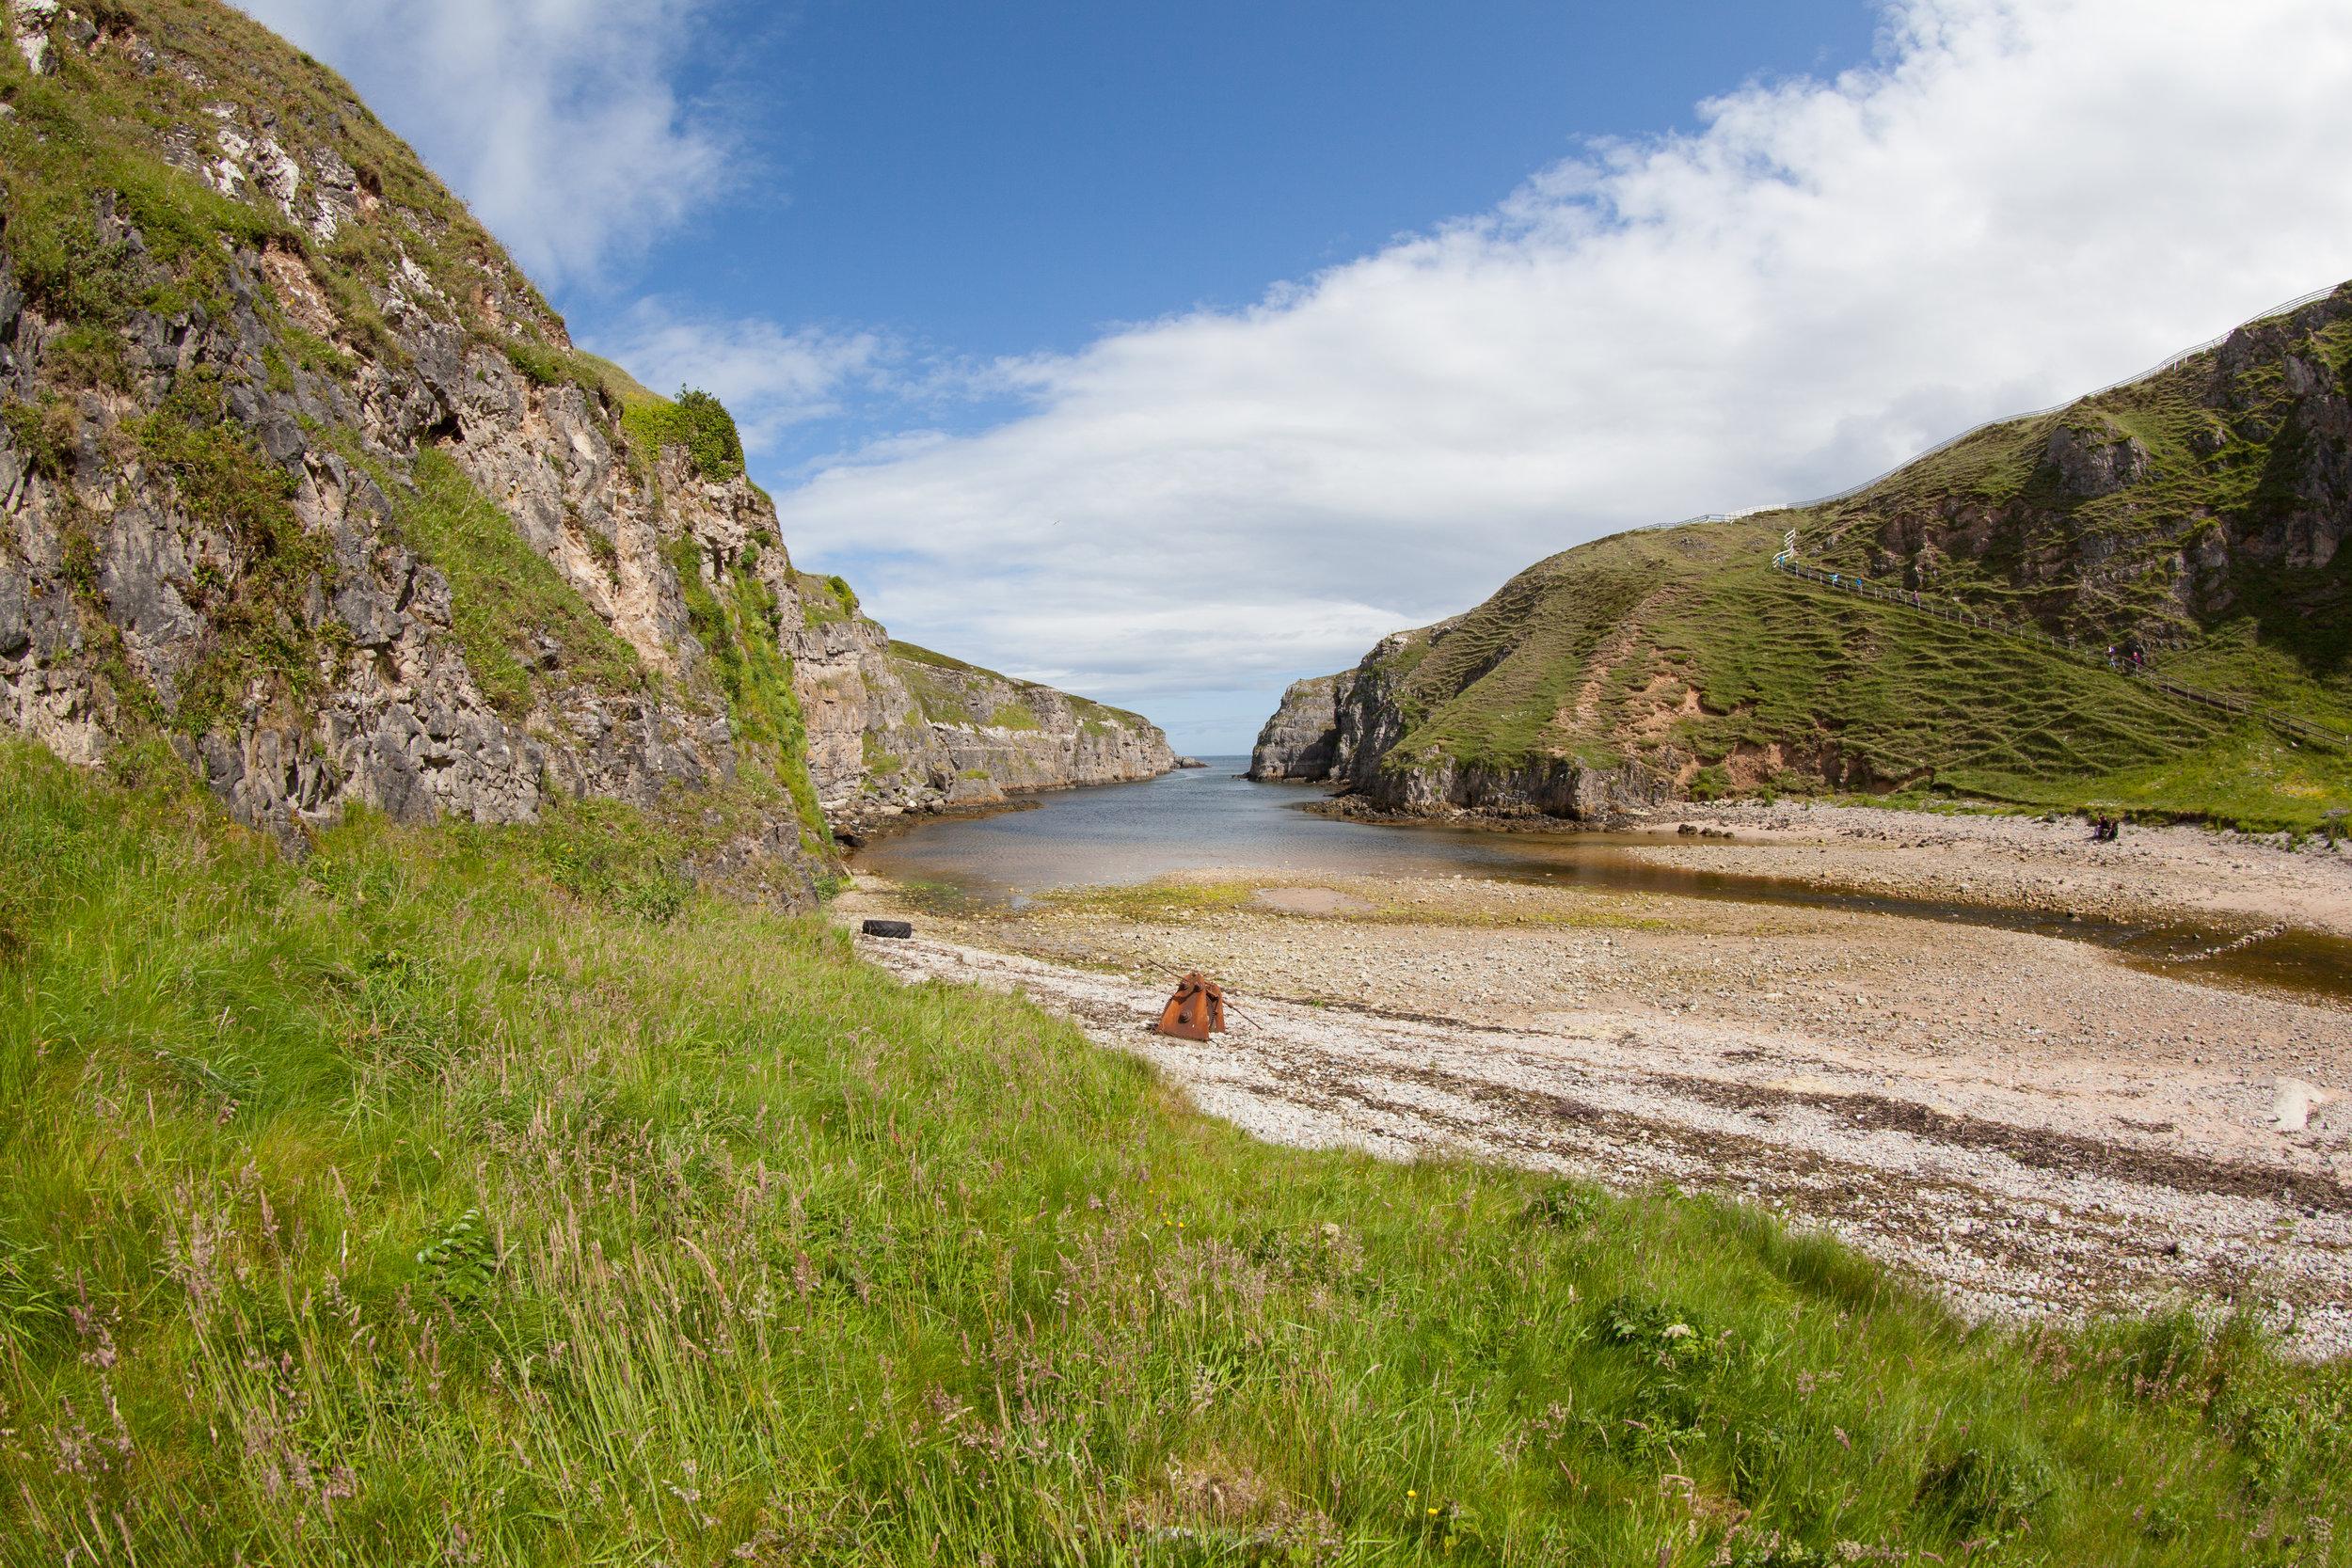 The pretty Scottish coastline.